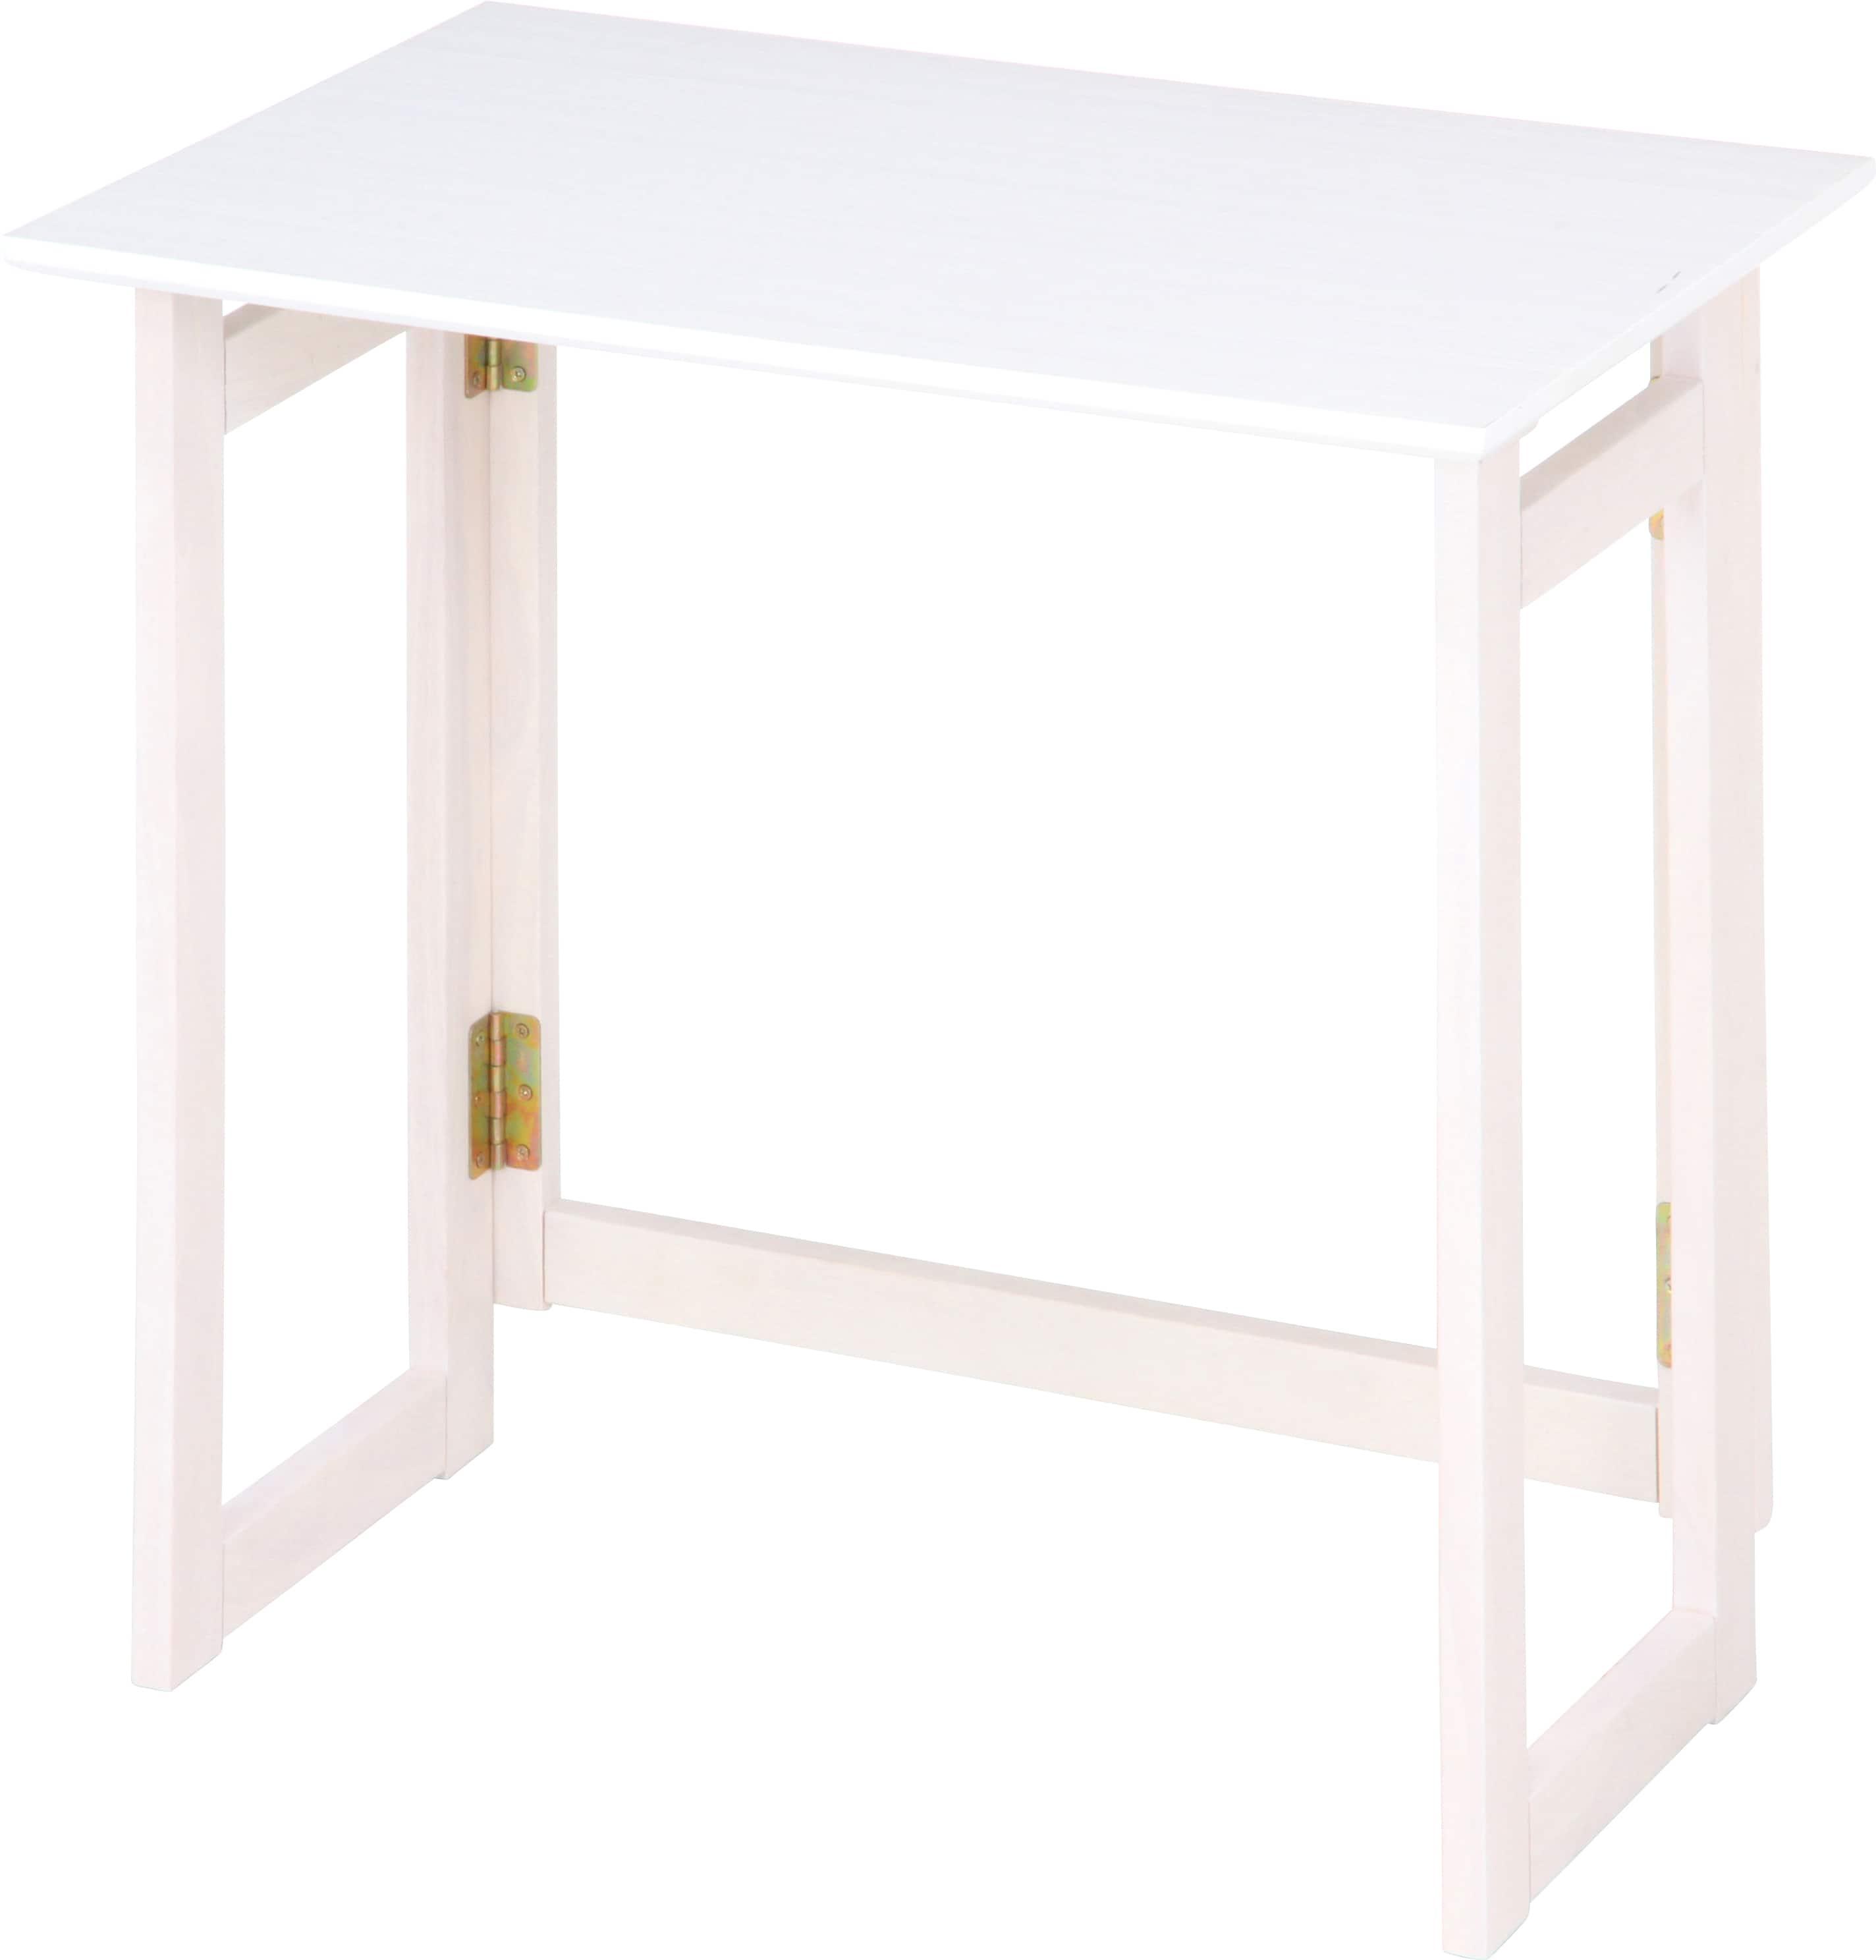 フォールディングテーブルミランWHW:フォールディングテーブル